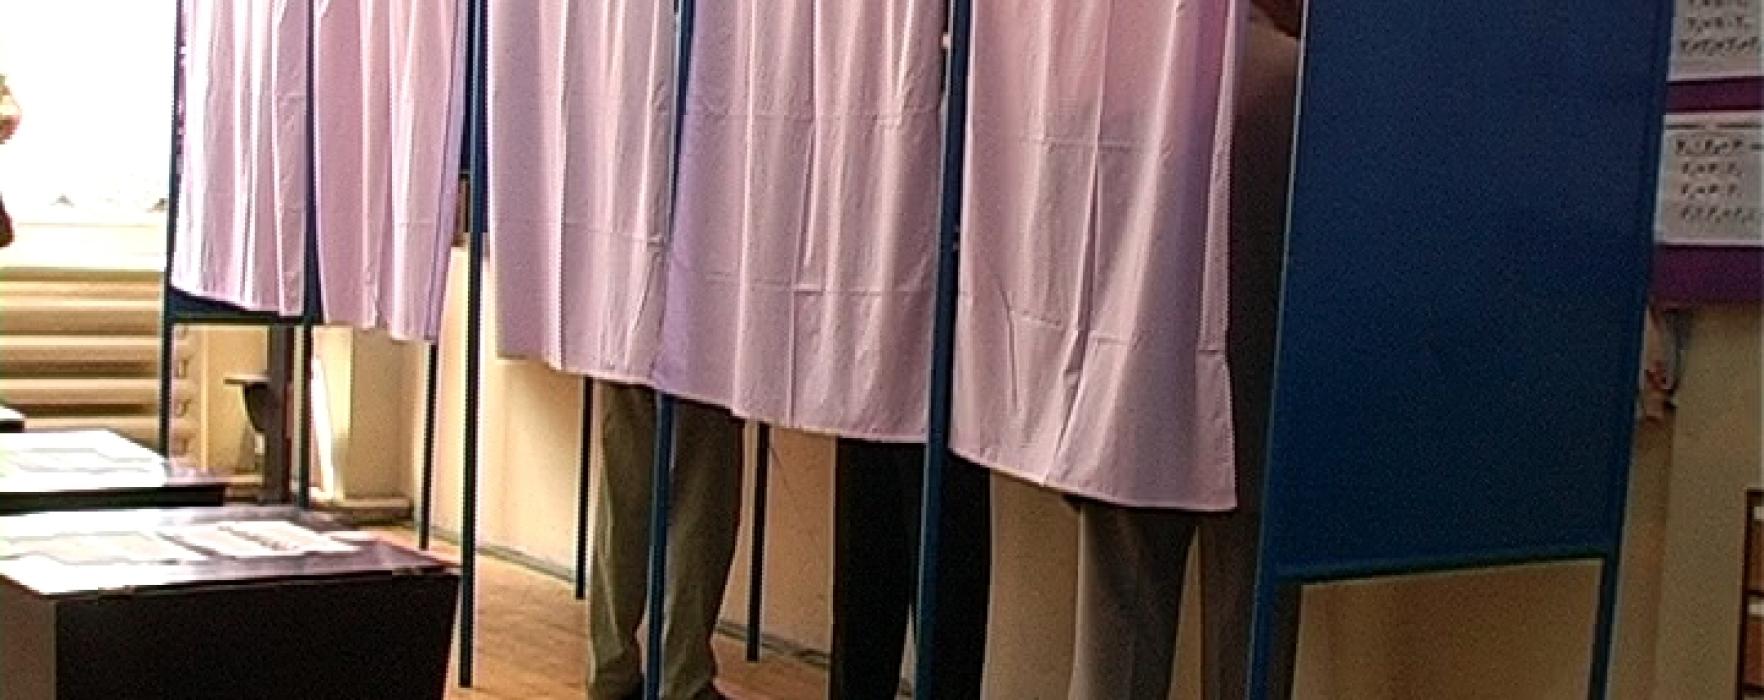 Dâmboviţa: ora 10.00 – Prezenţa la vot 10,85%